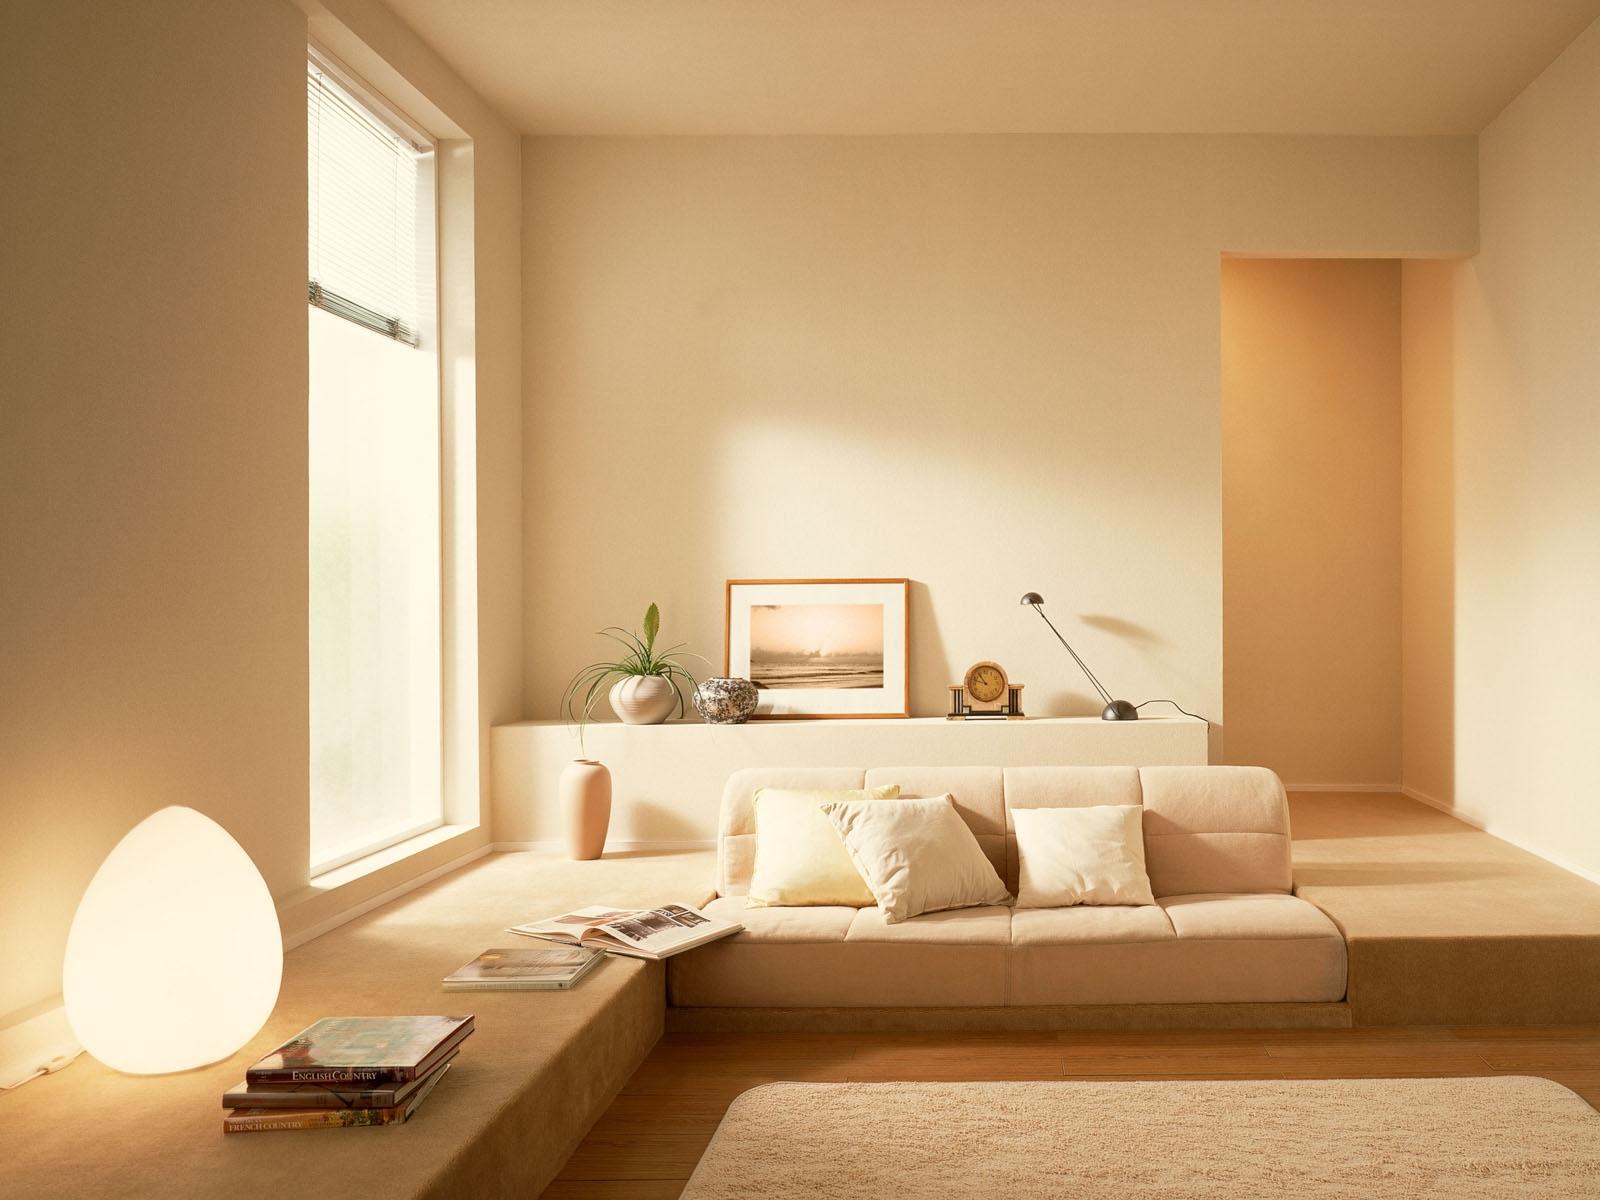 Fondos de pantalla habitaci n pared madera cuarto for Diseno de interiores habitacion